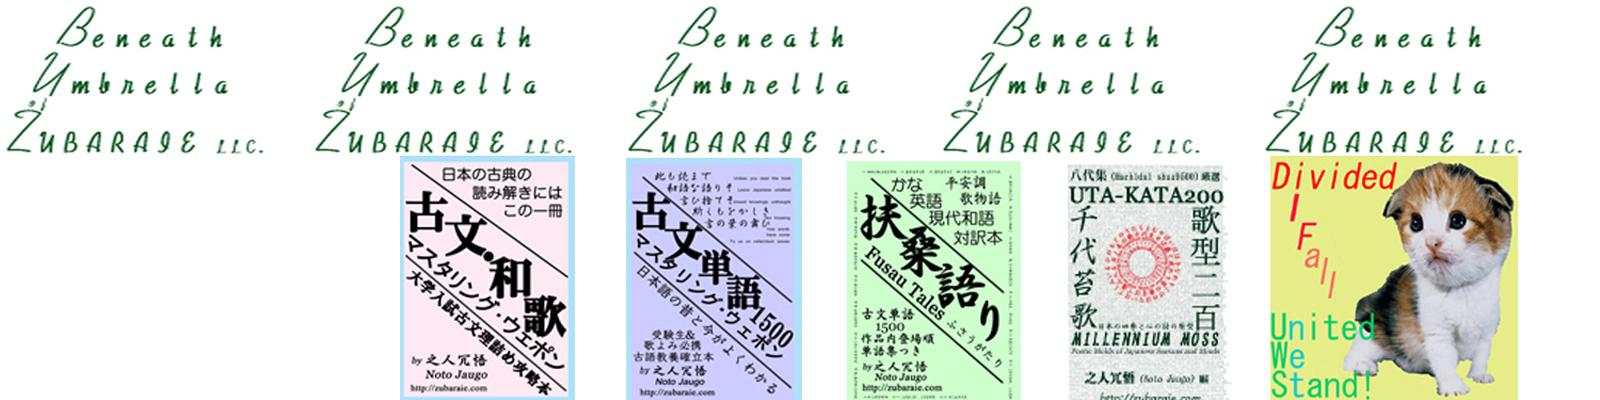 Zubaraie LLC.